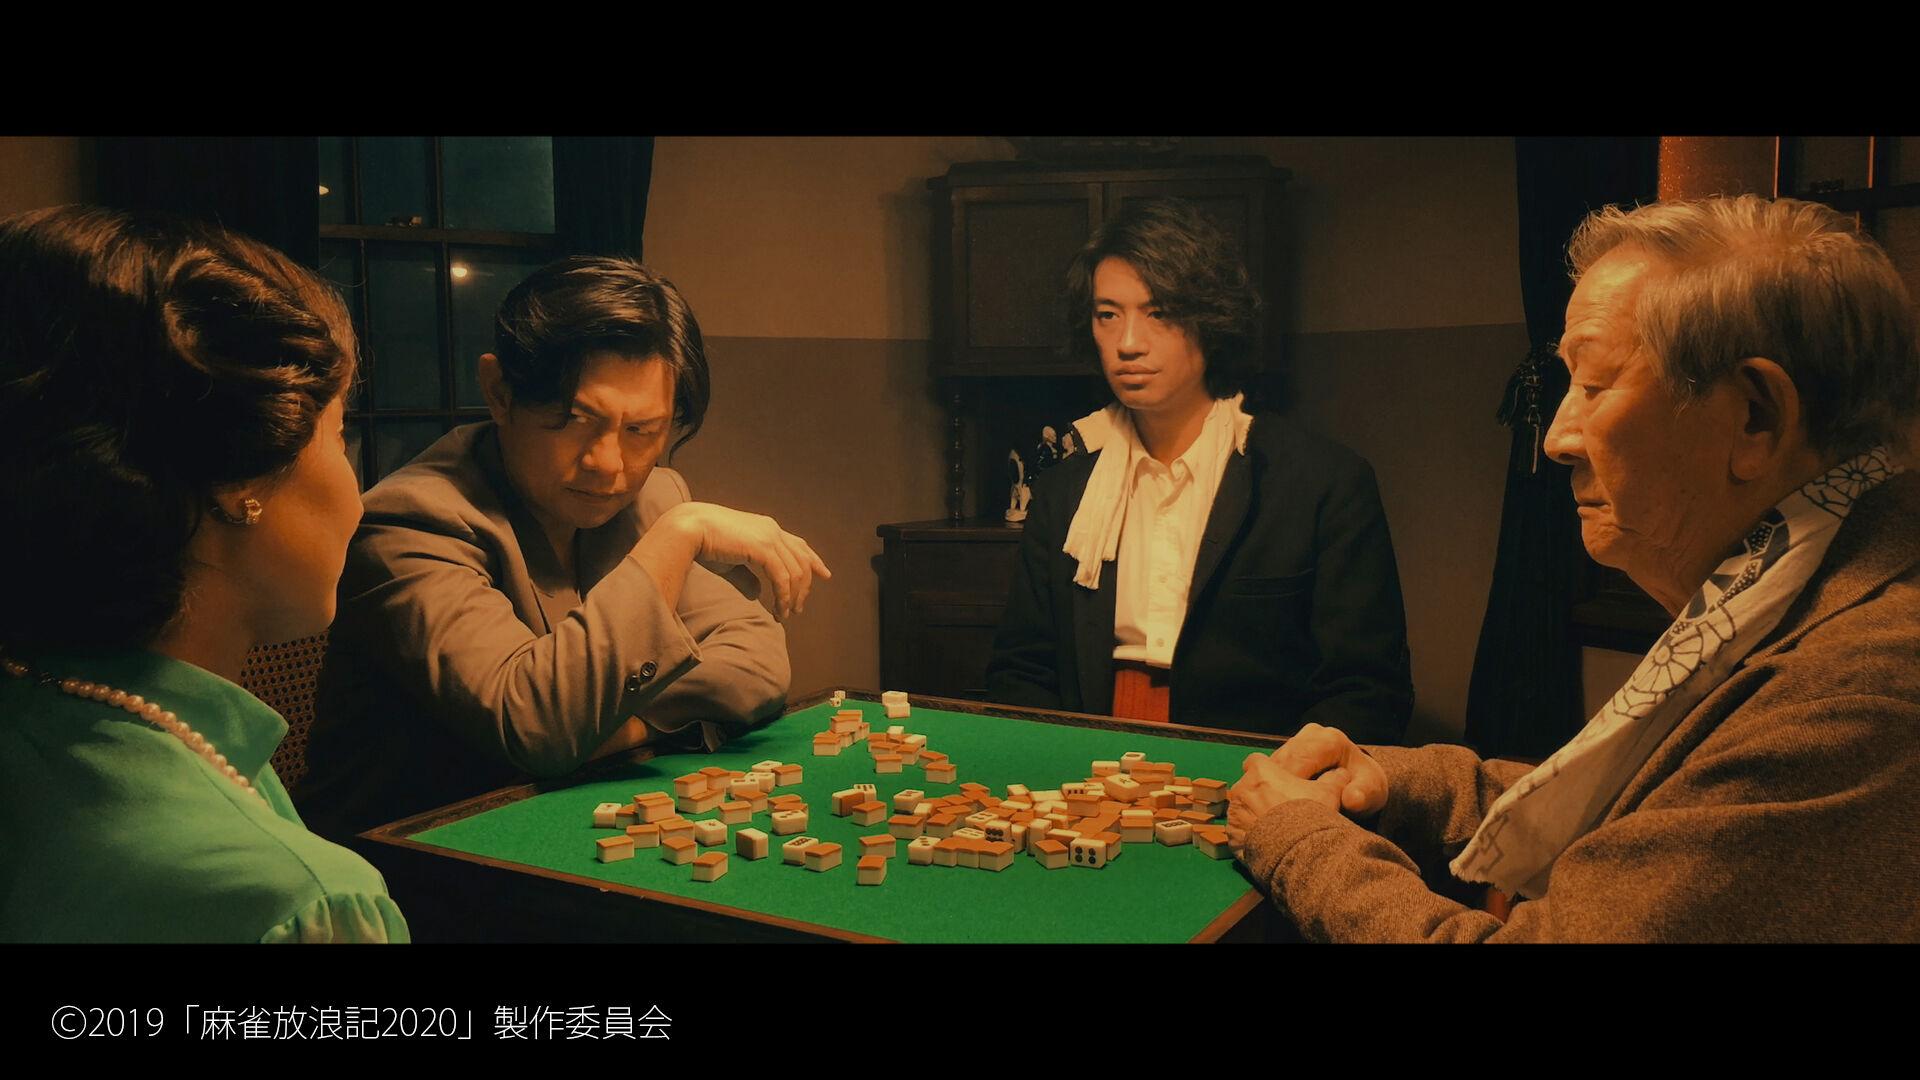 https://www.kenko-tokina.co.jp/special/mt-images/beastgripmahjong_06.jpg